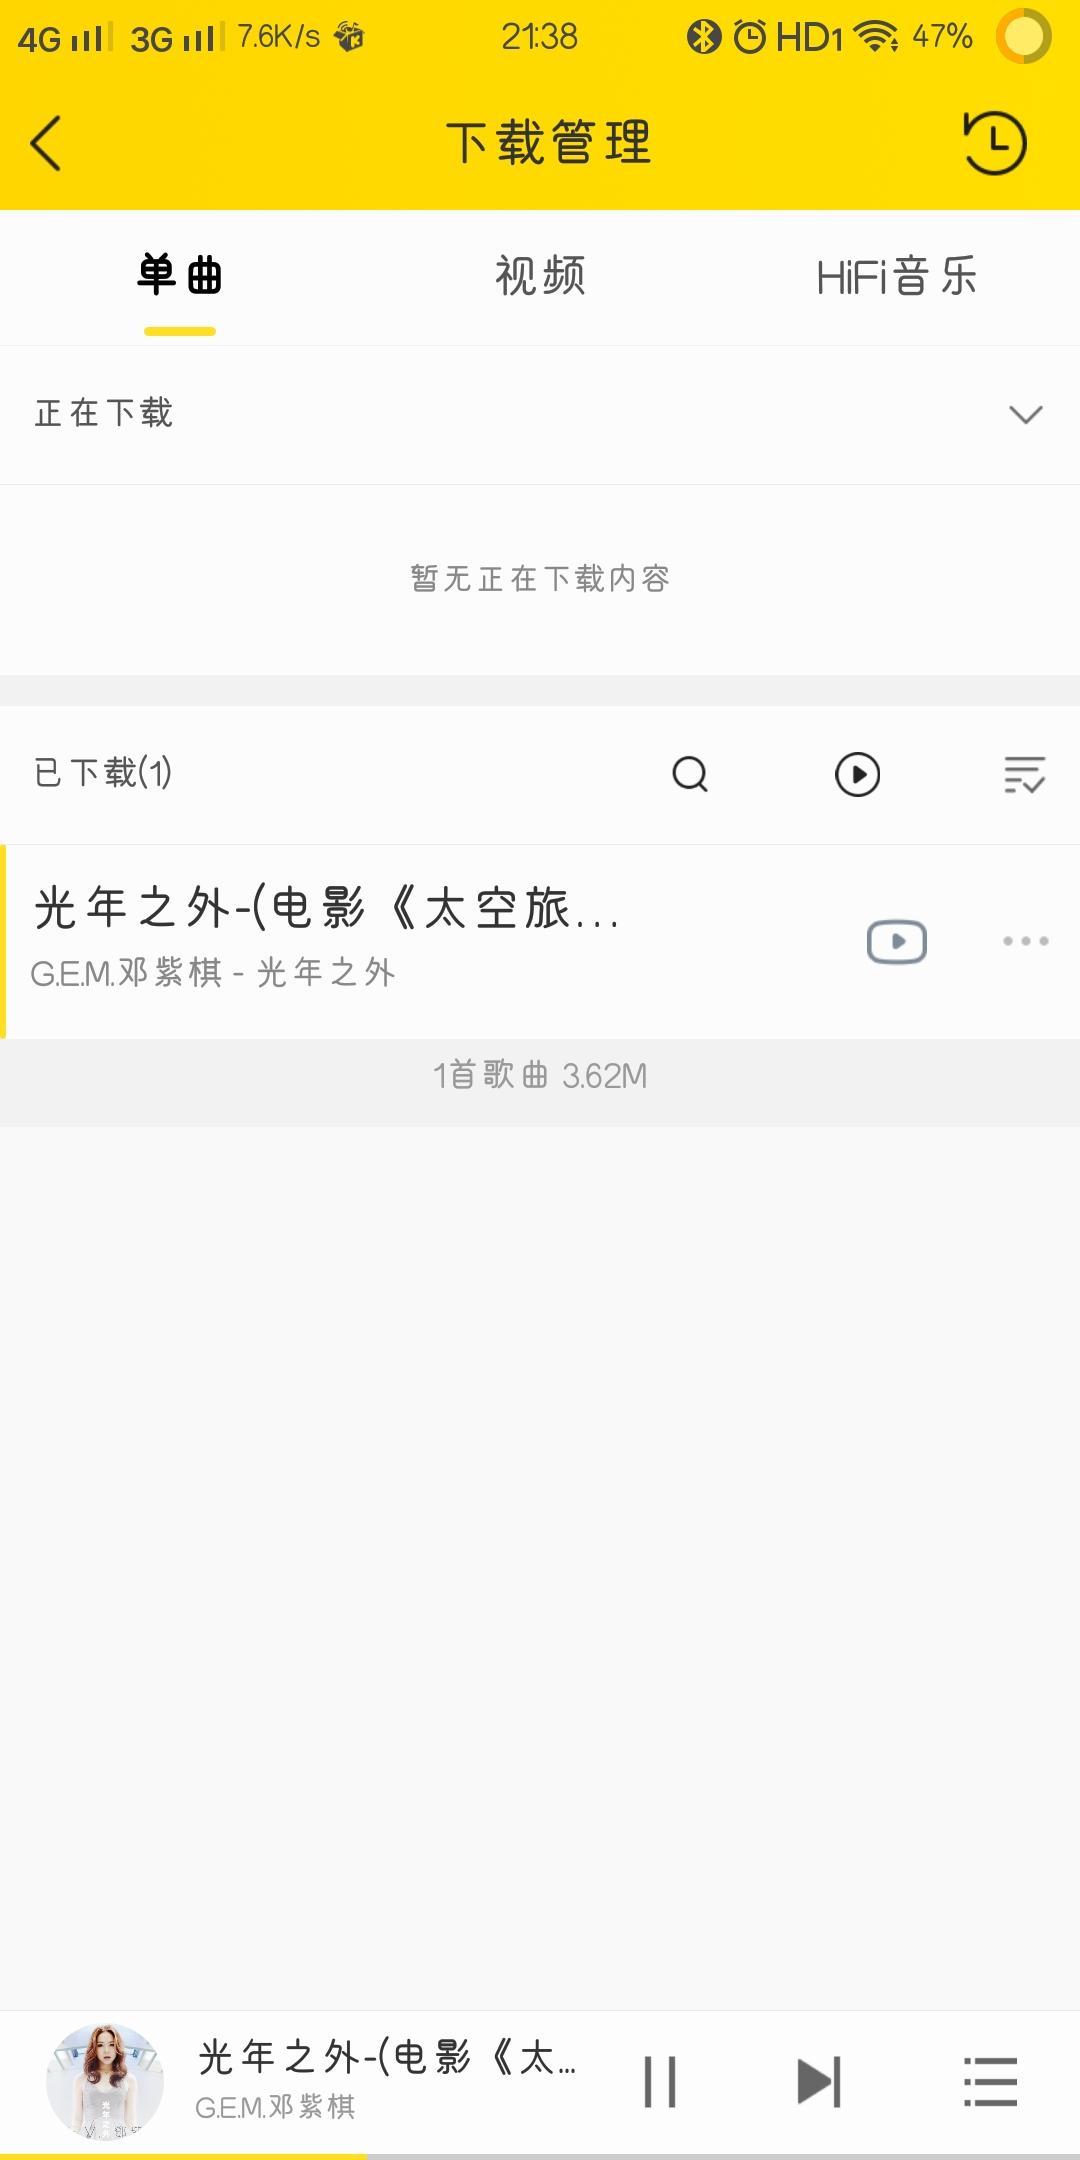 Screenshot_20181117_213838.jpg